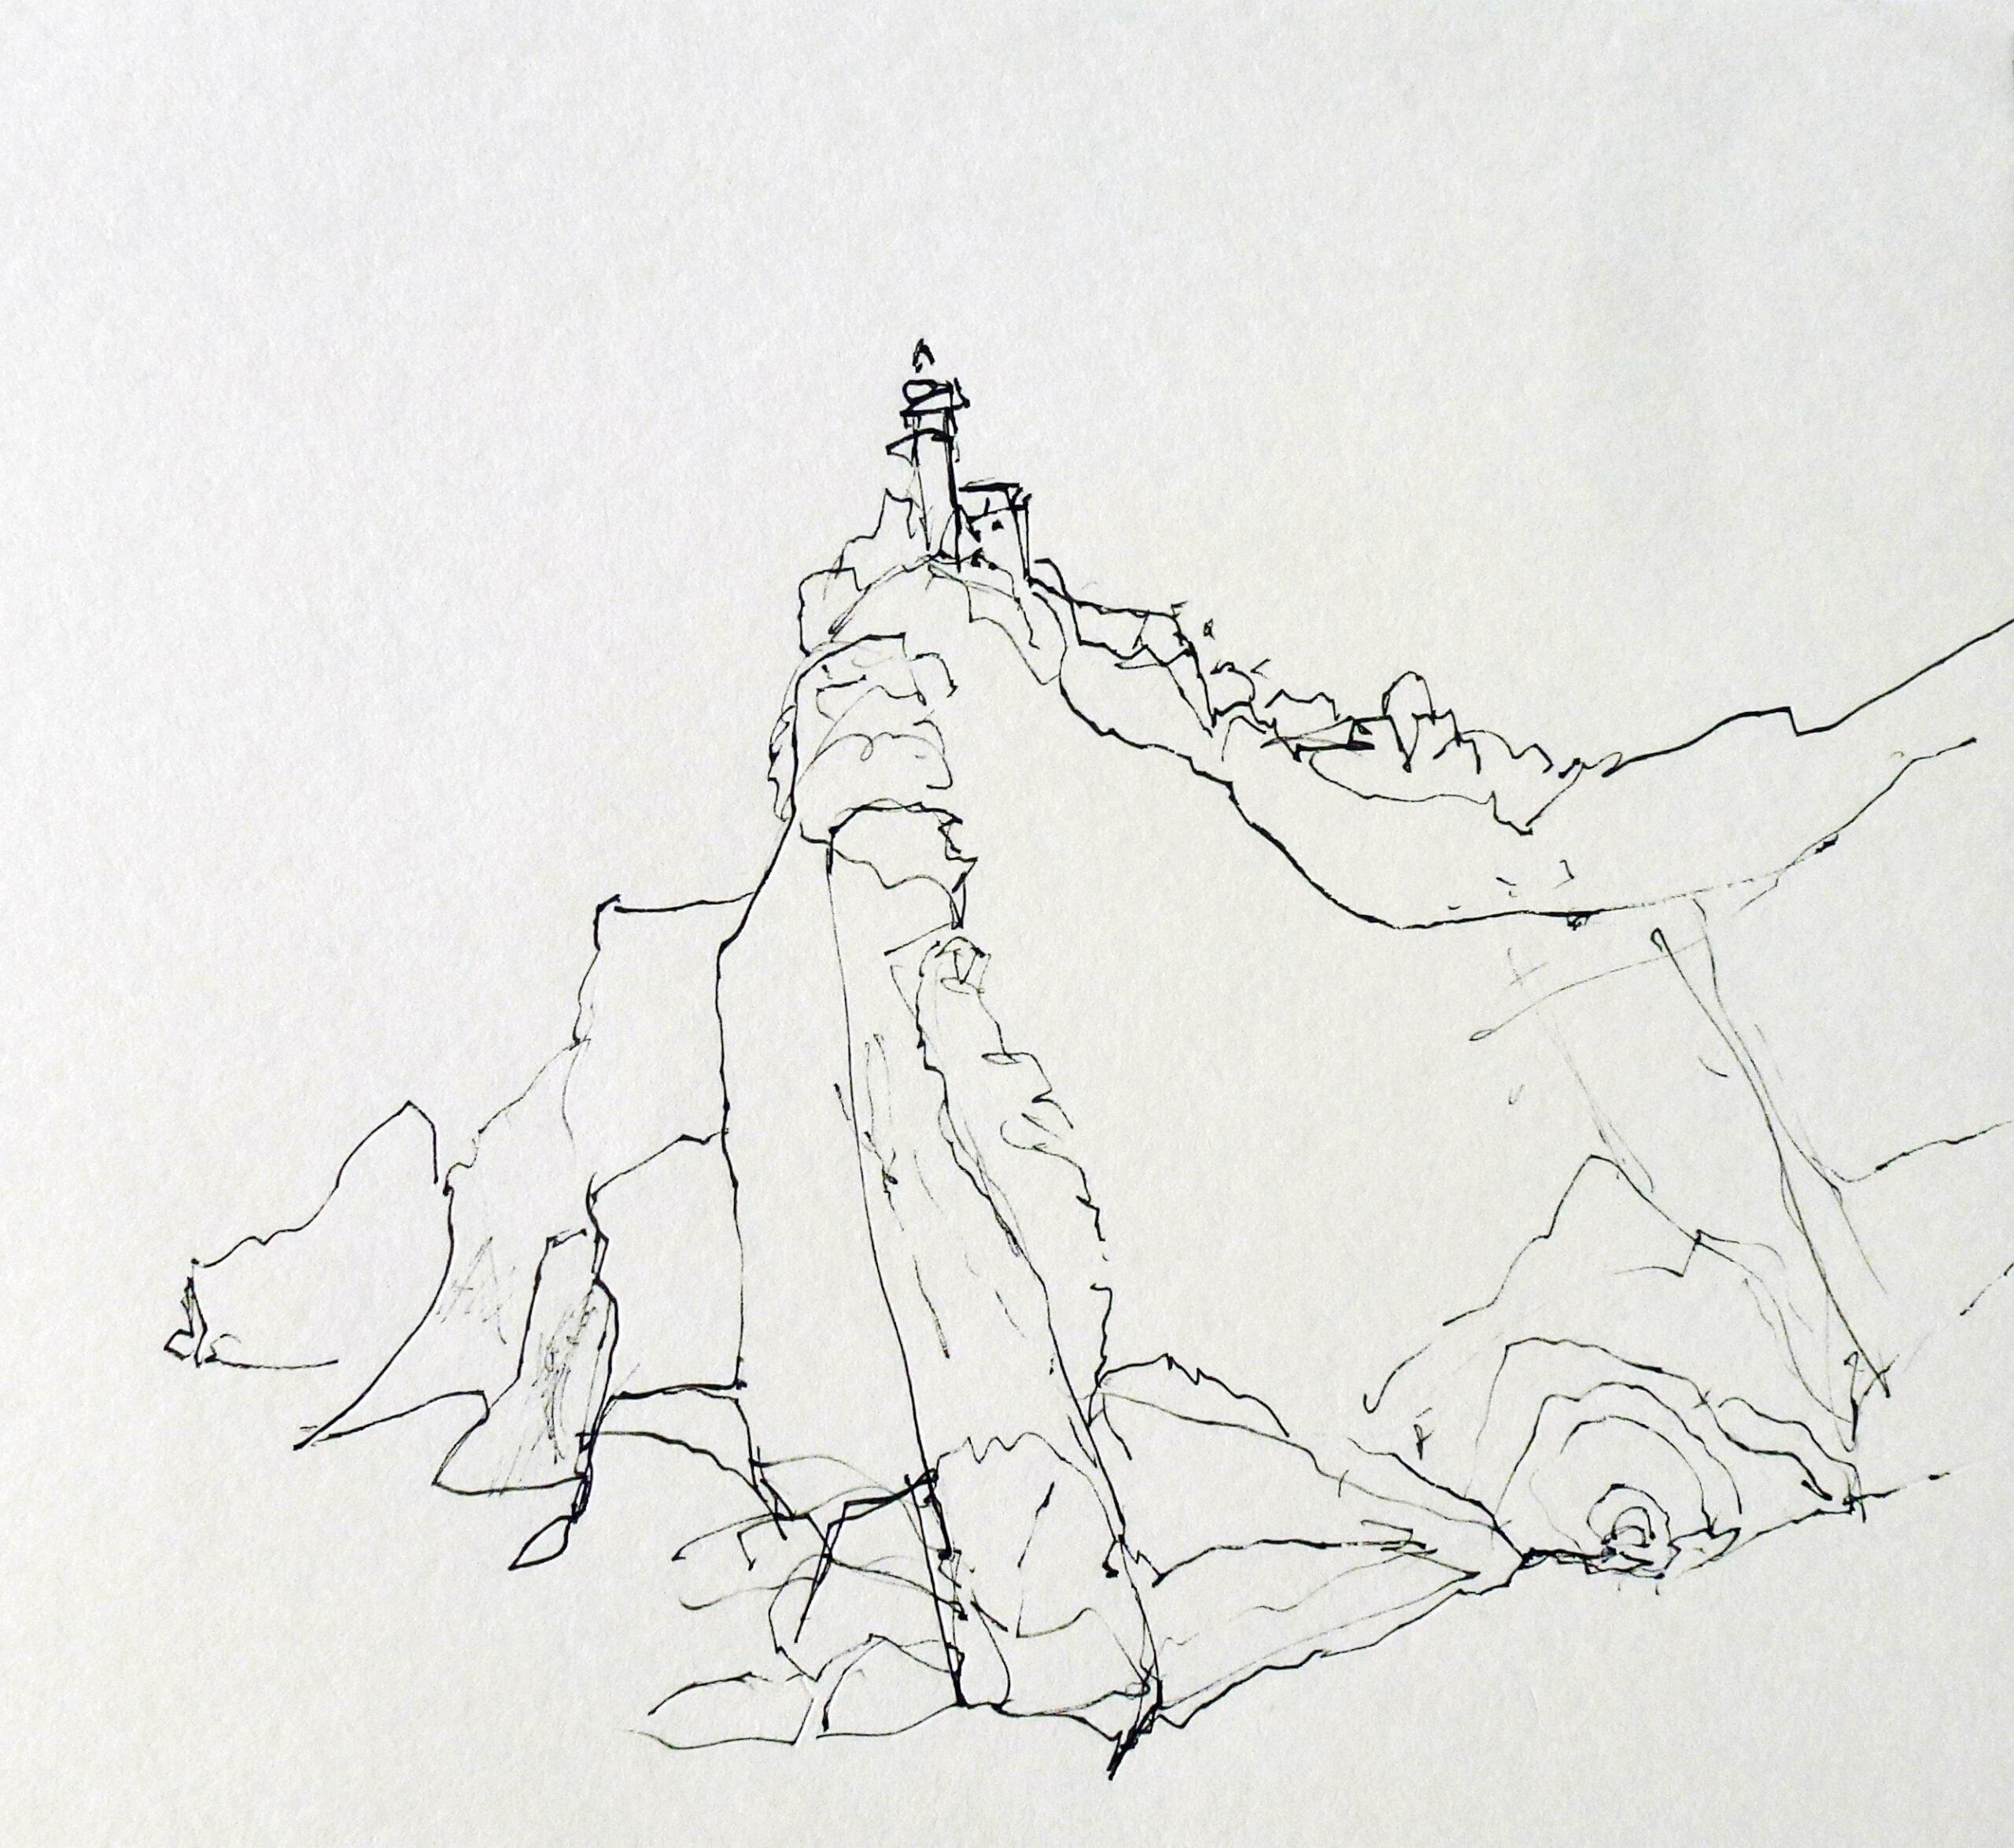 Filzstift, 20 x 20 cm